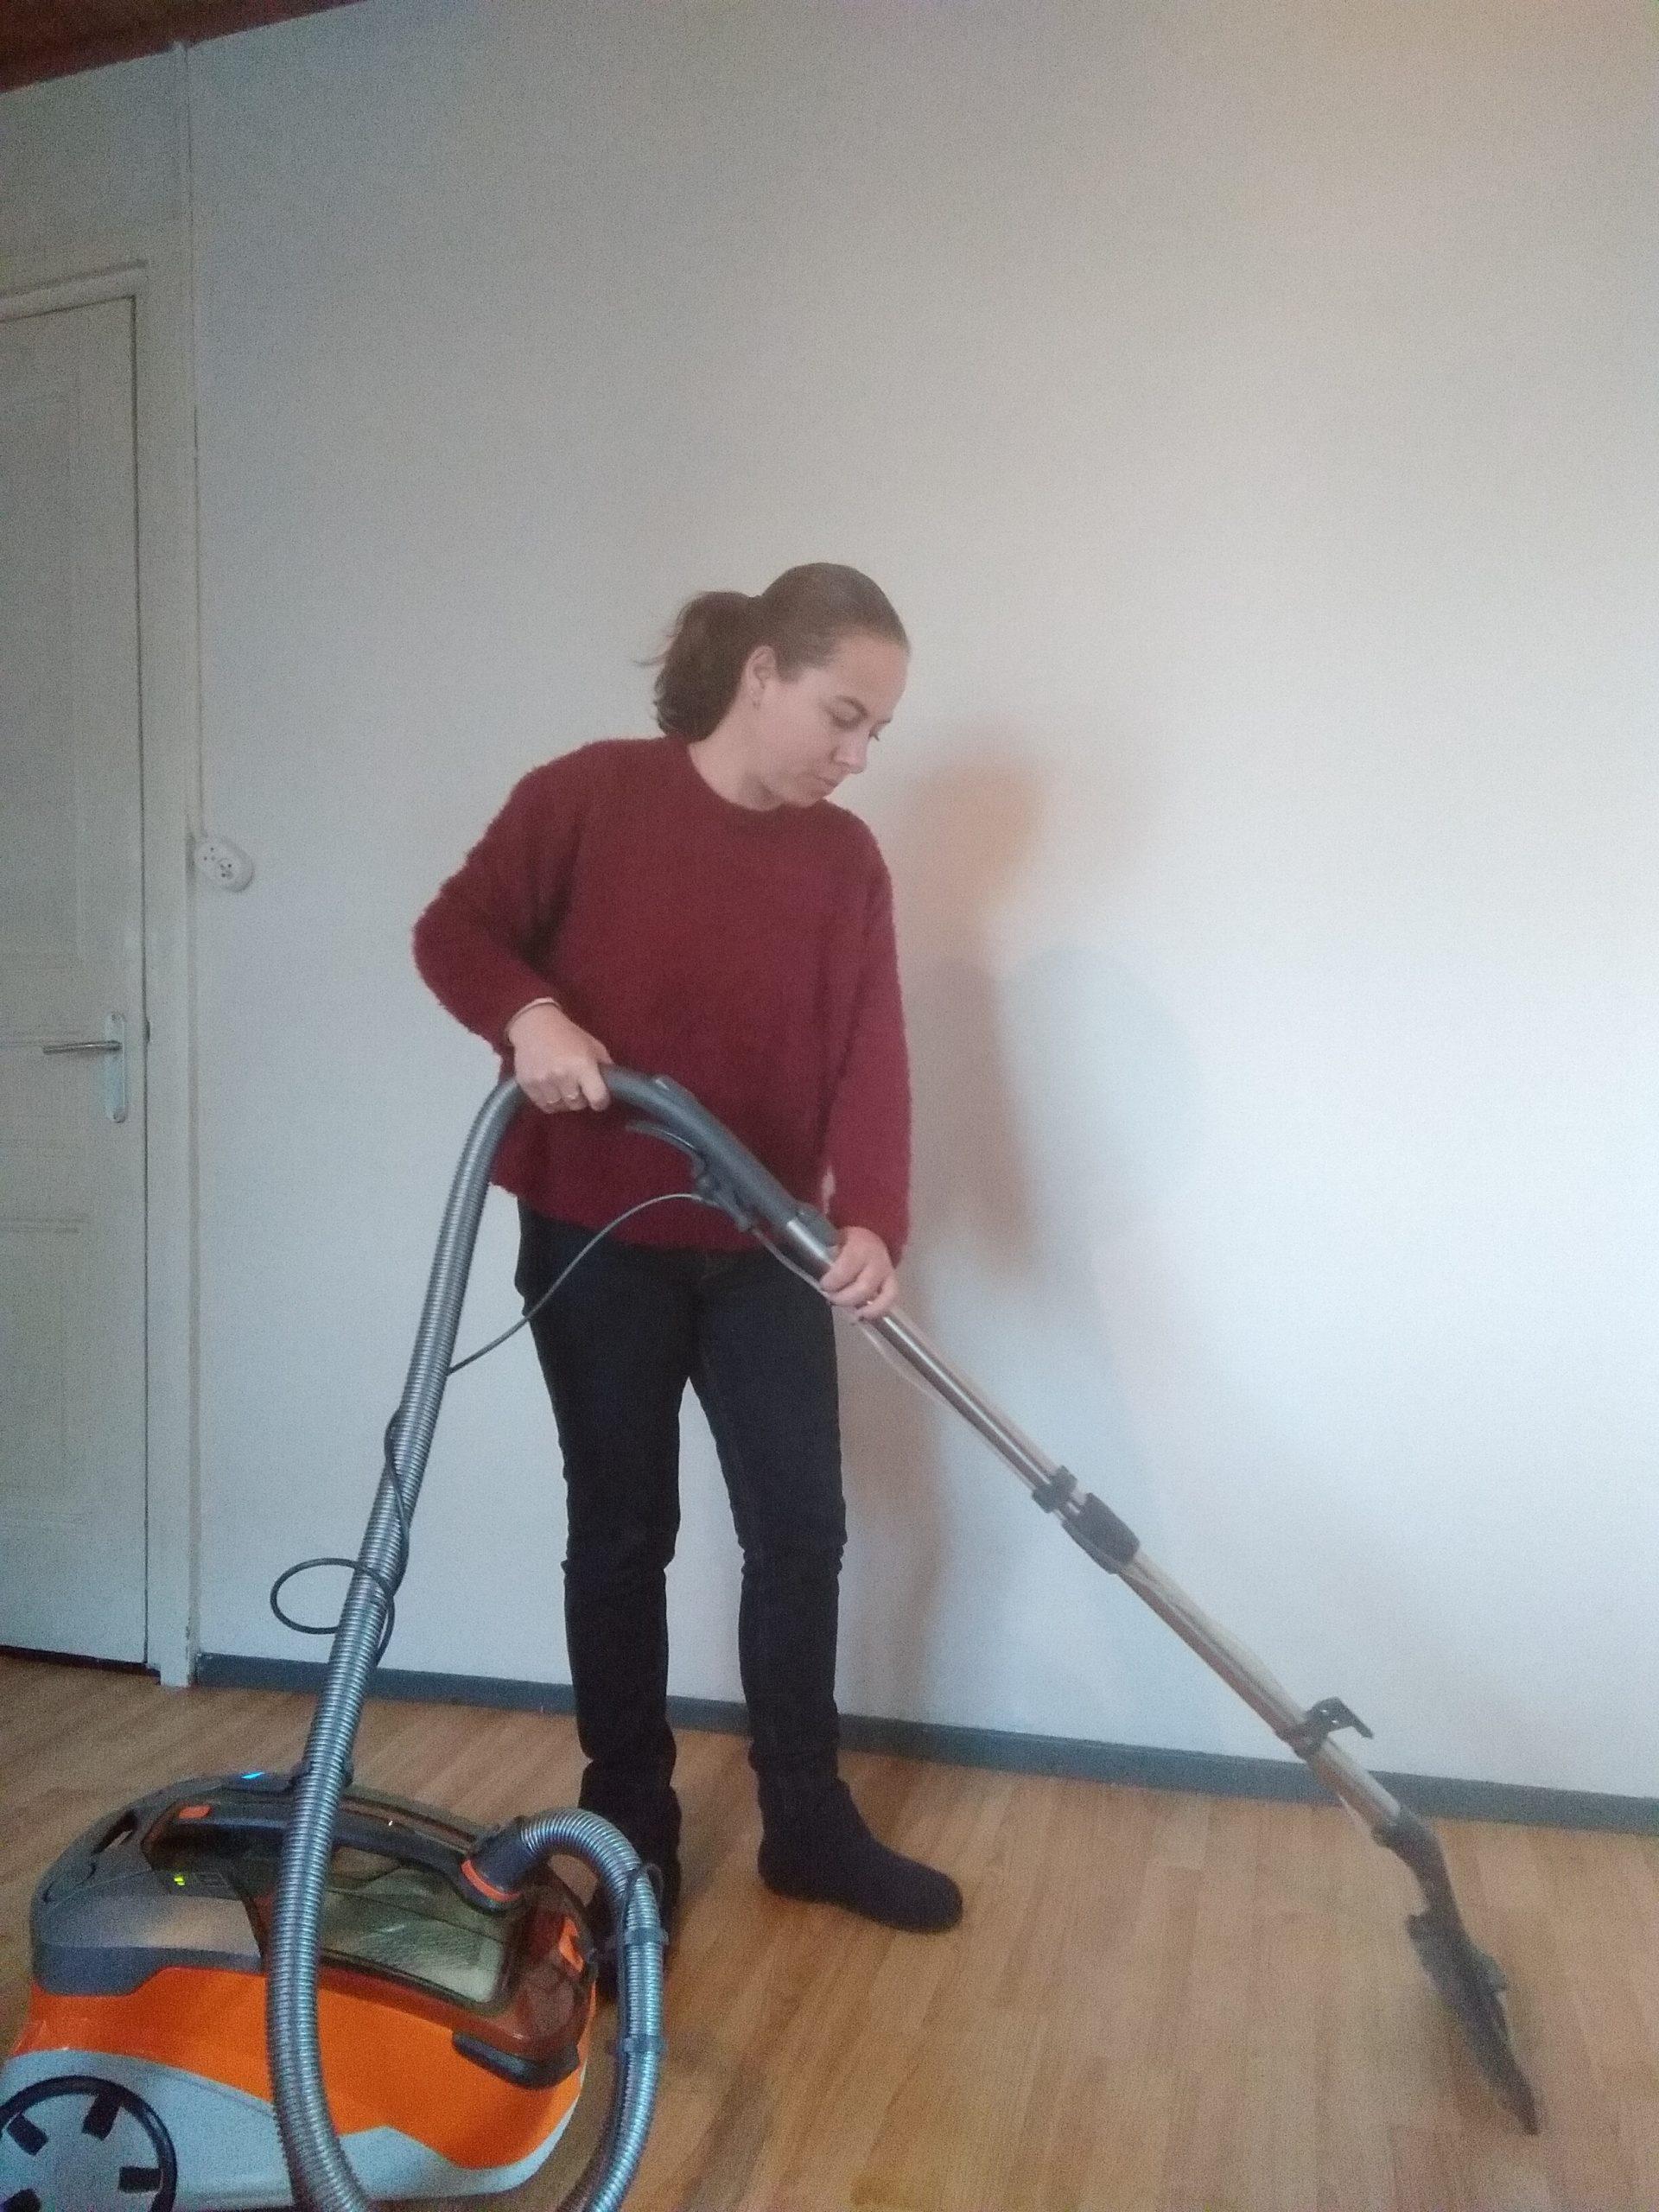 Thomas stofzuiger de oplossing voor mensen met huisdieren